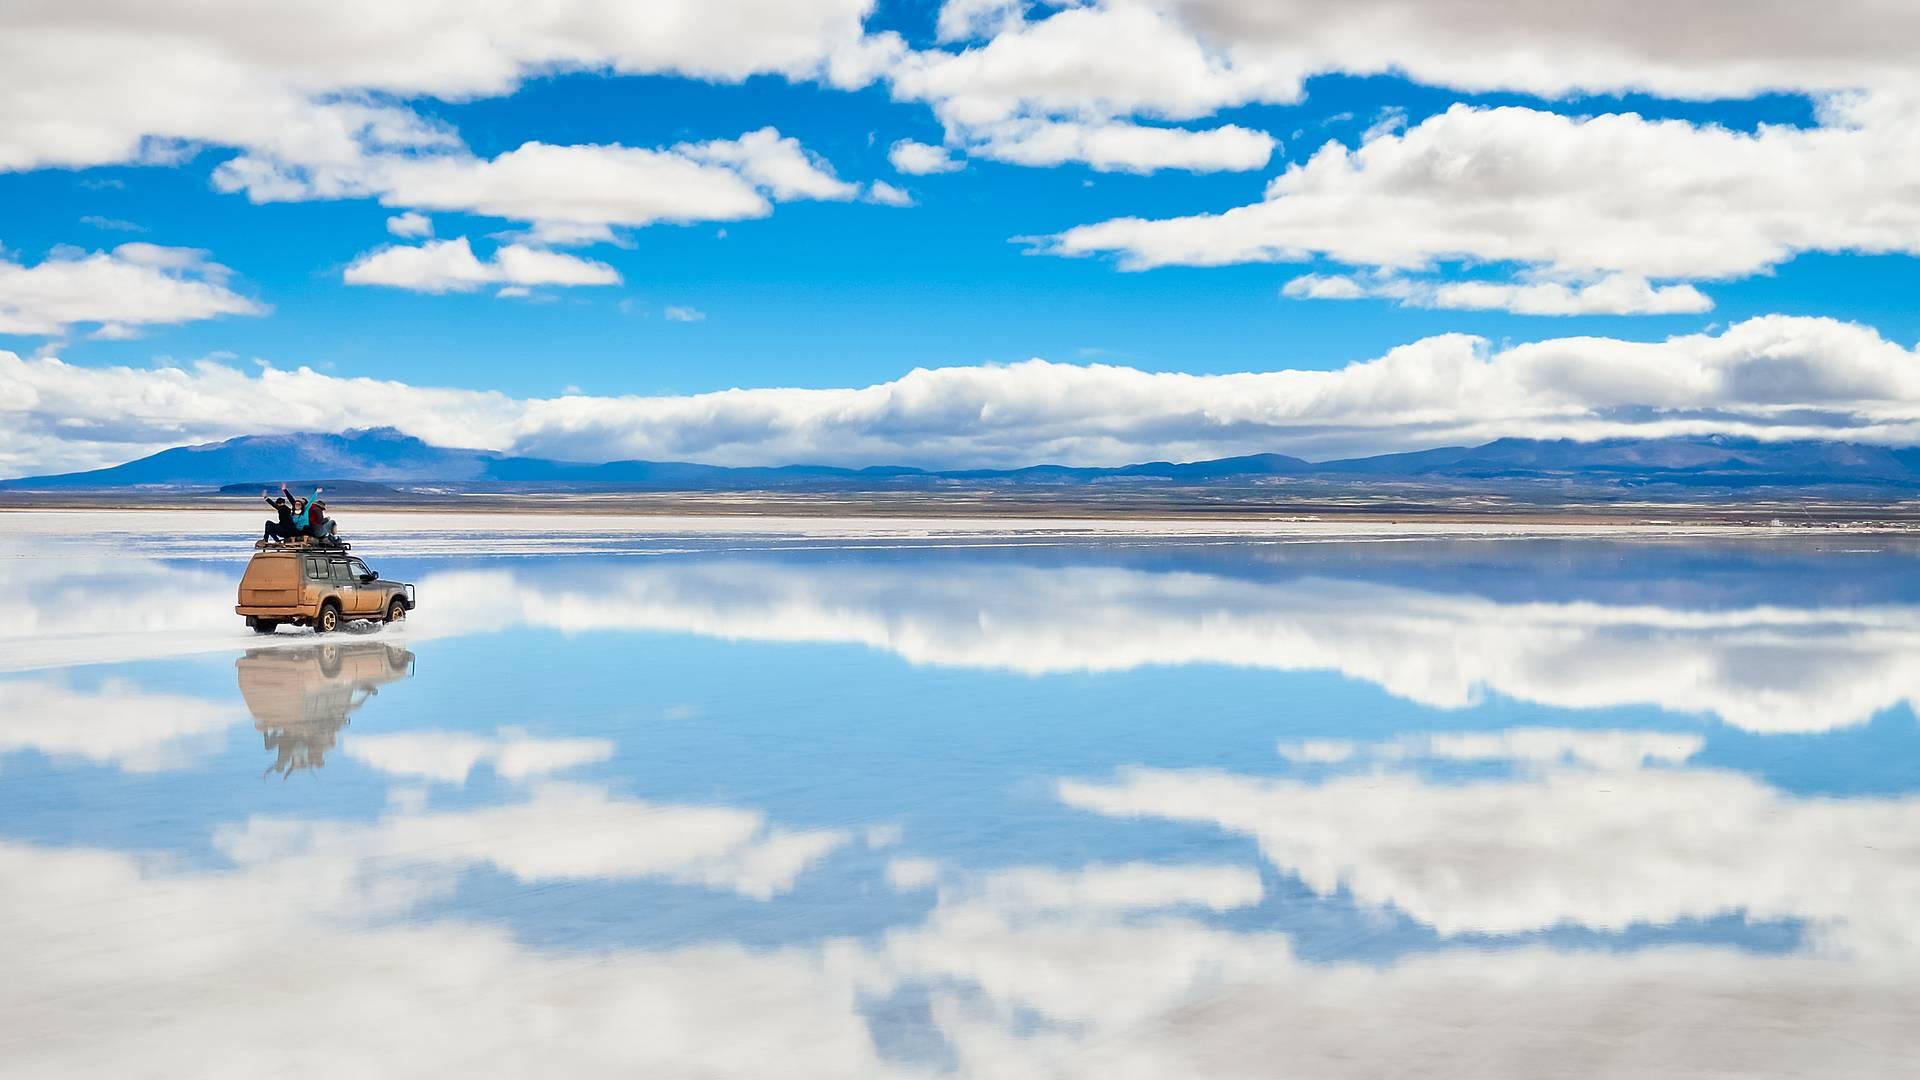 Cultura y paisajes bolivianos